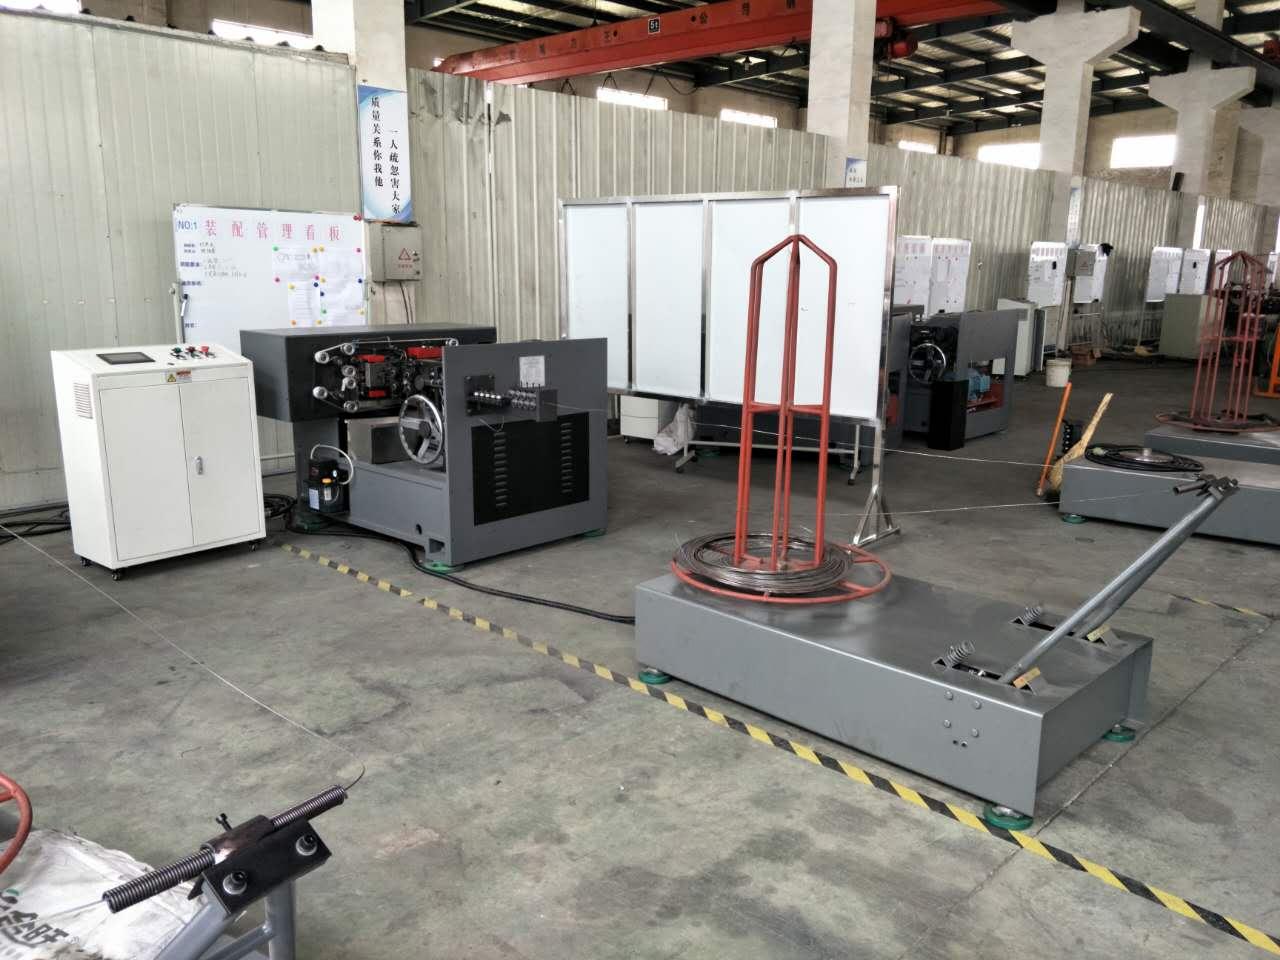 制钉机价格_炎黄自动化设备有限公司专业供应盐城制钉机全套设备